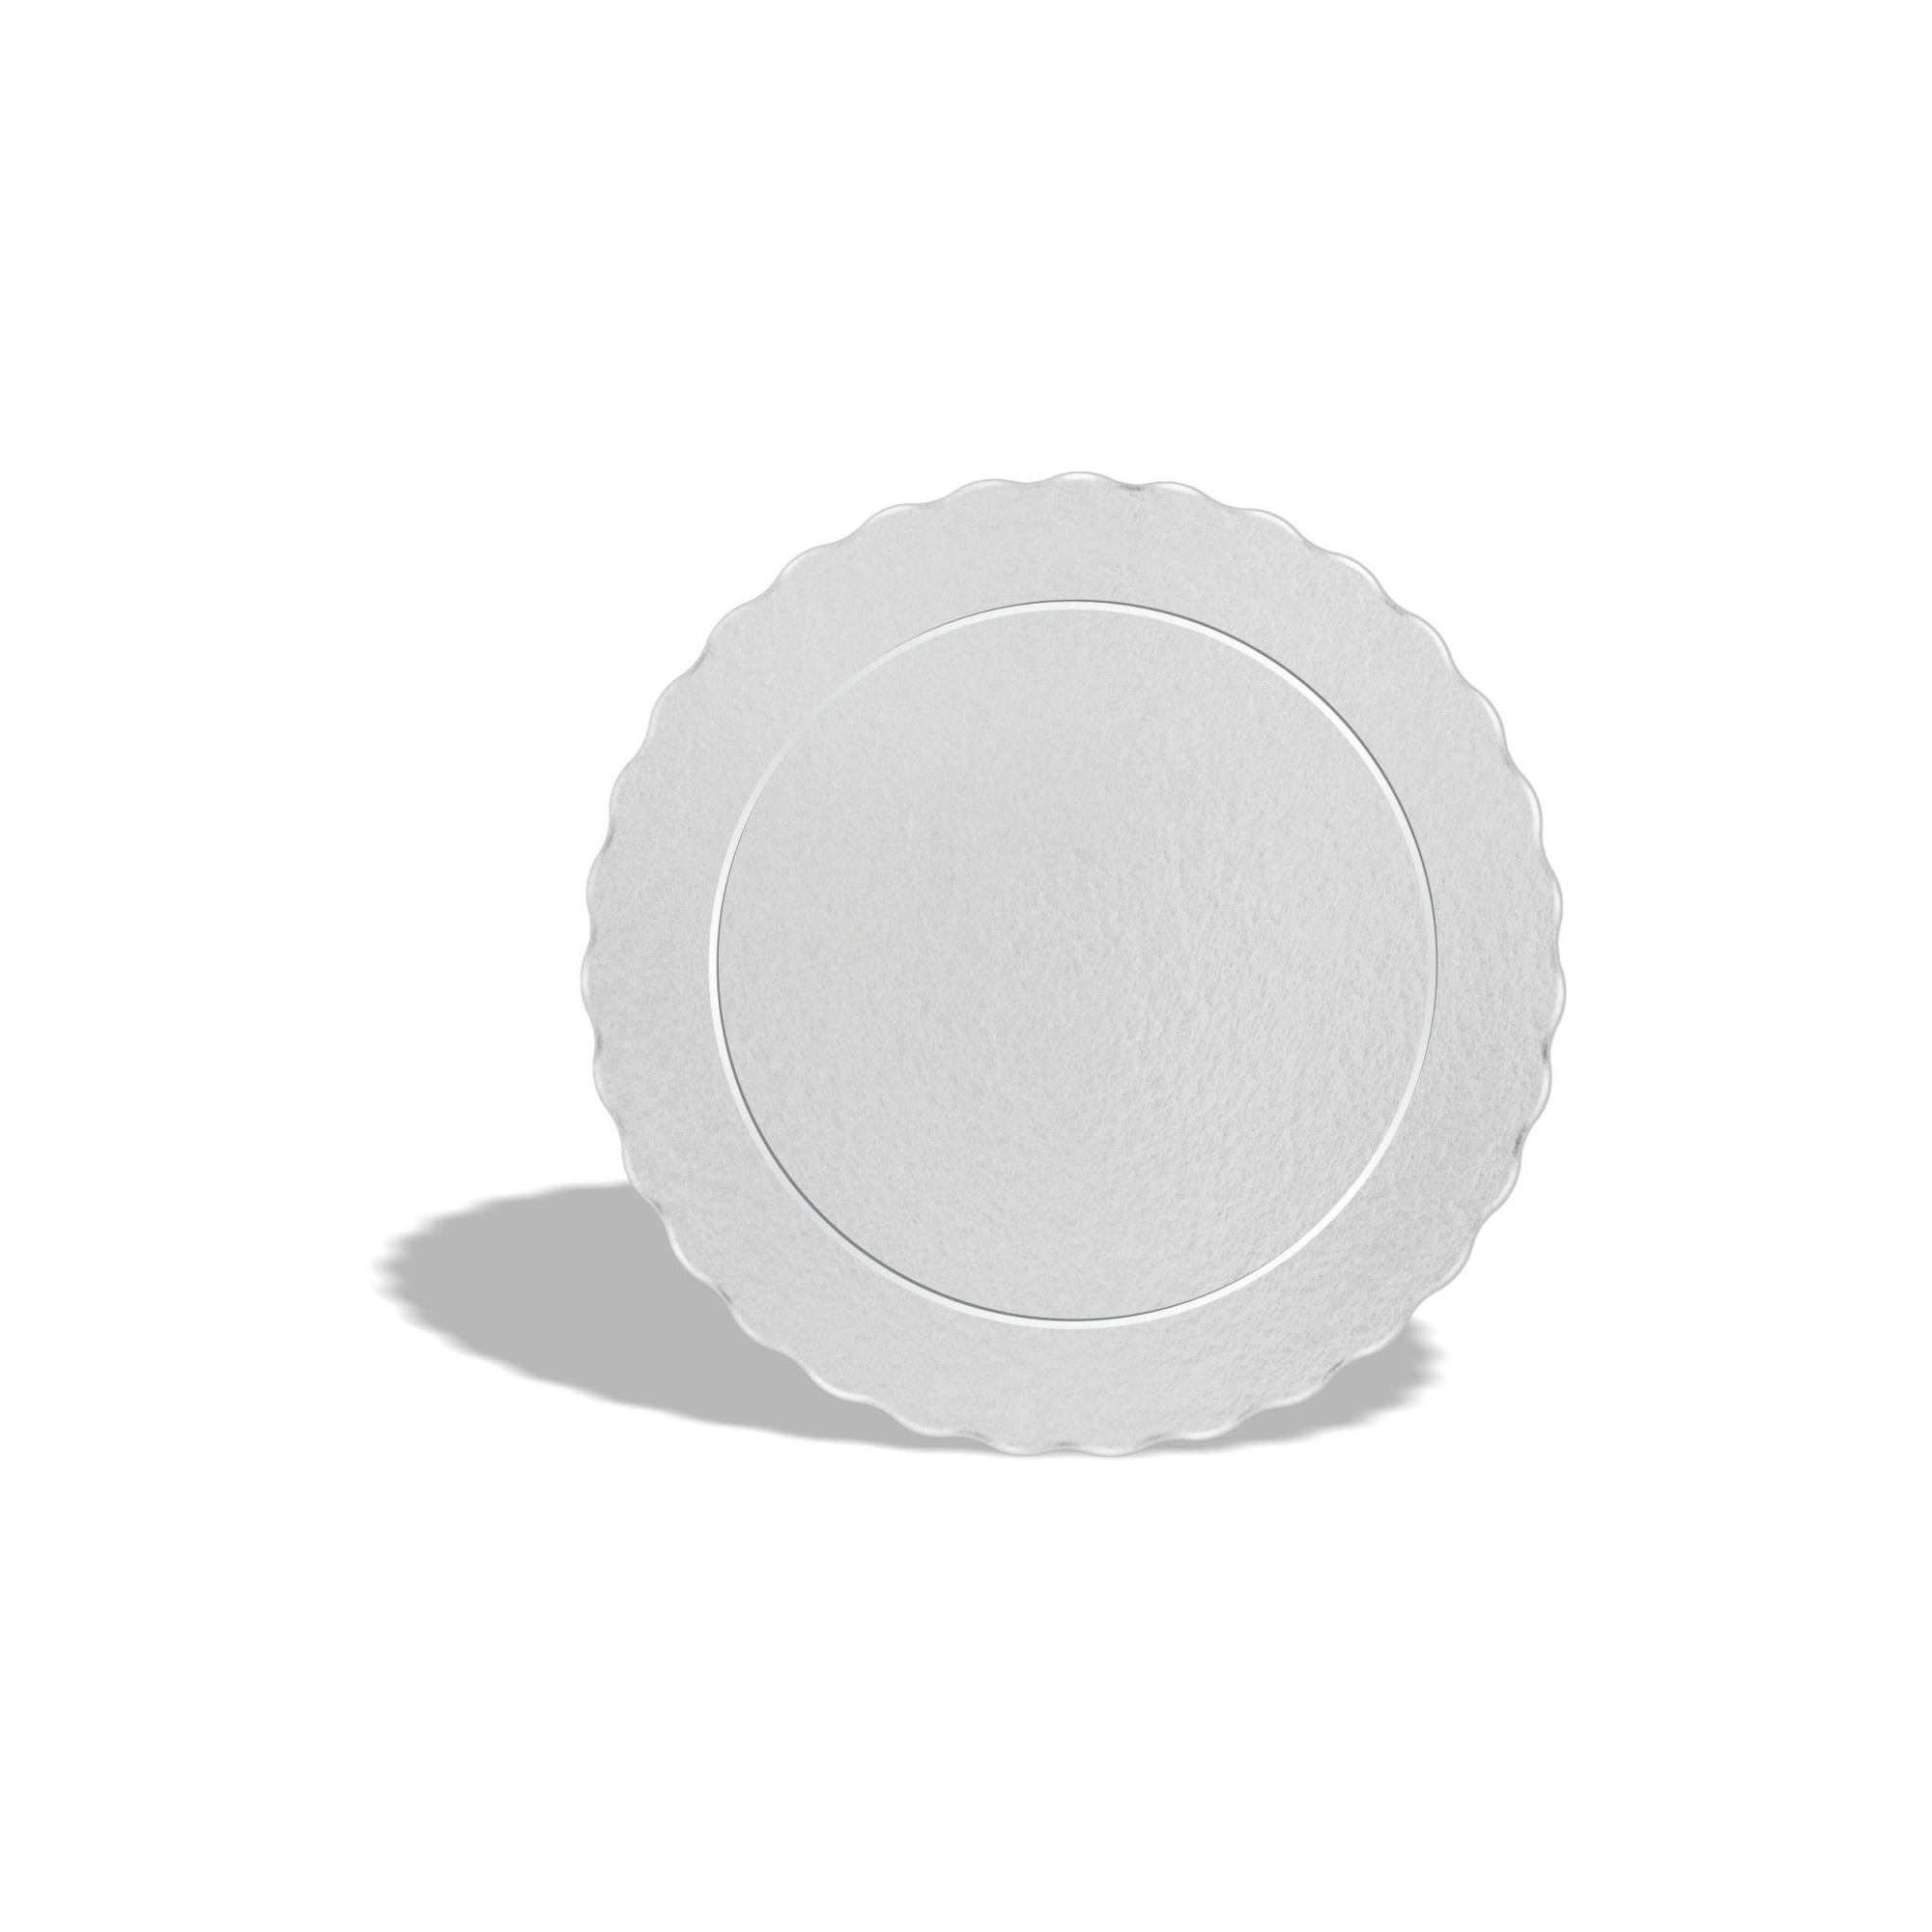 100 Bases Laminadas Para Bolo Redondo, Cake Board 15cm - Branco